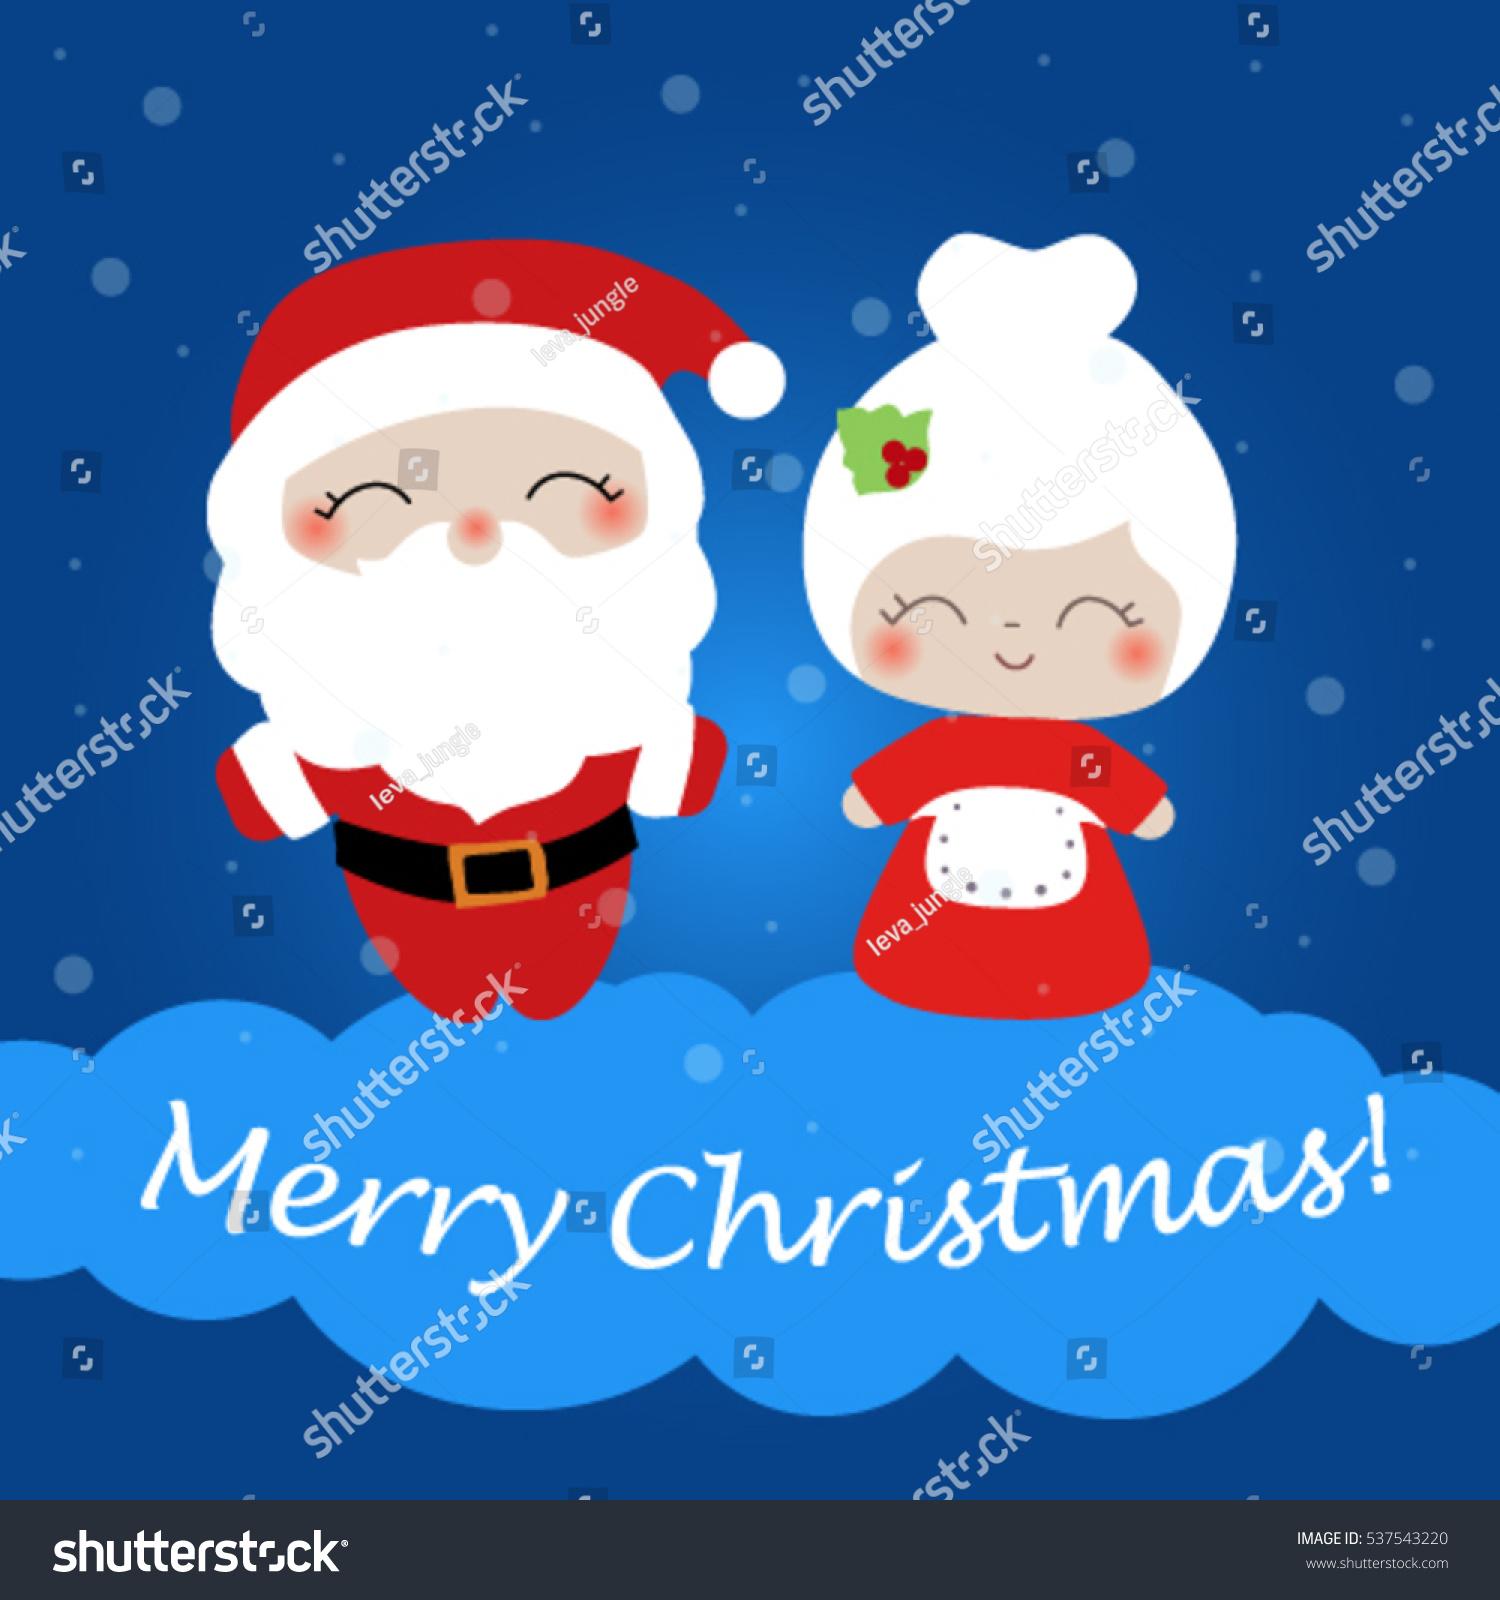 Christmas Card Merry Christmas Words Santa Stock Vector (Royalty ...